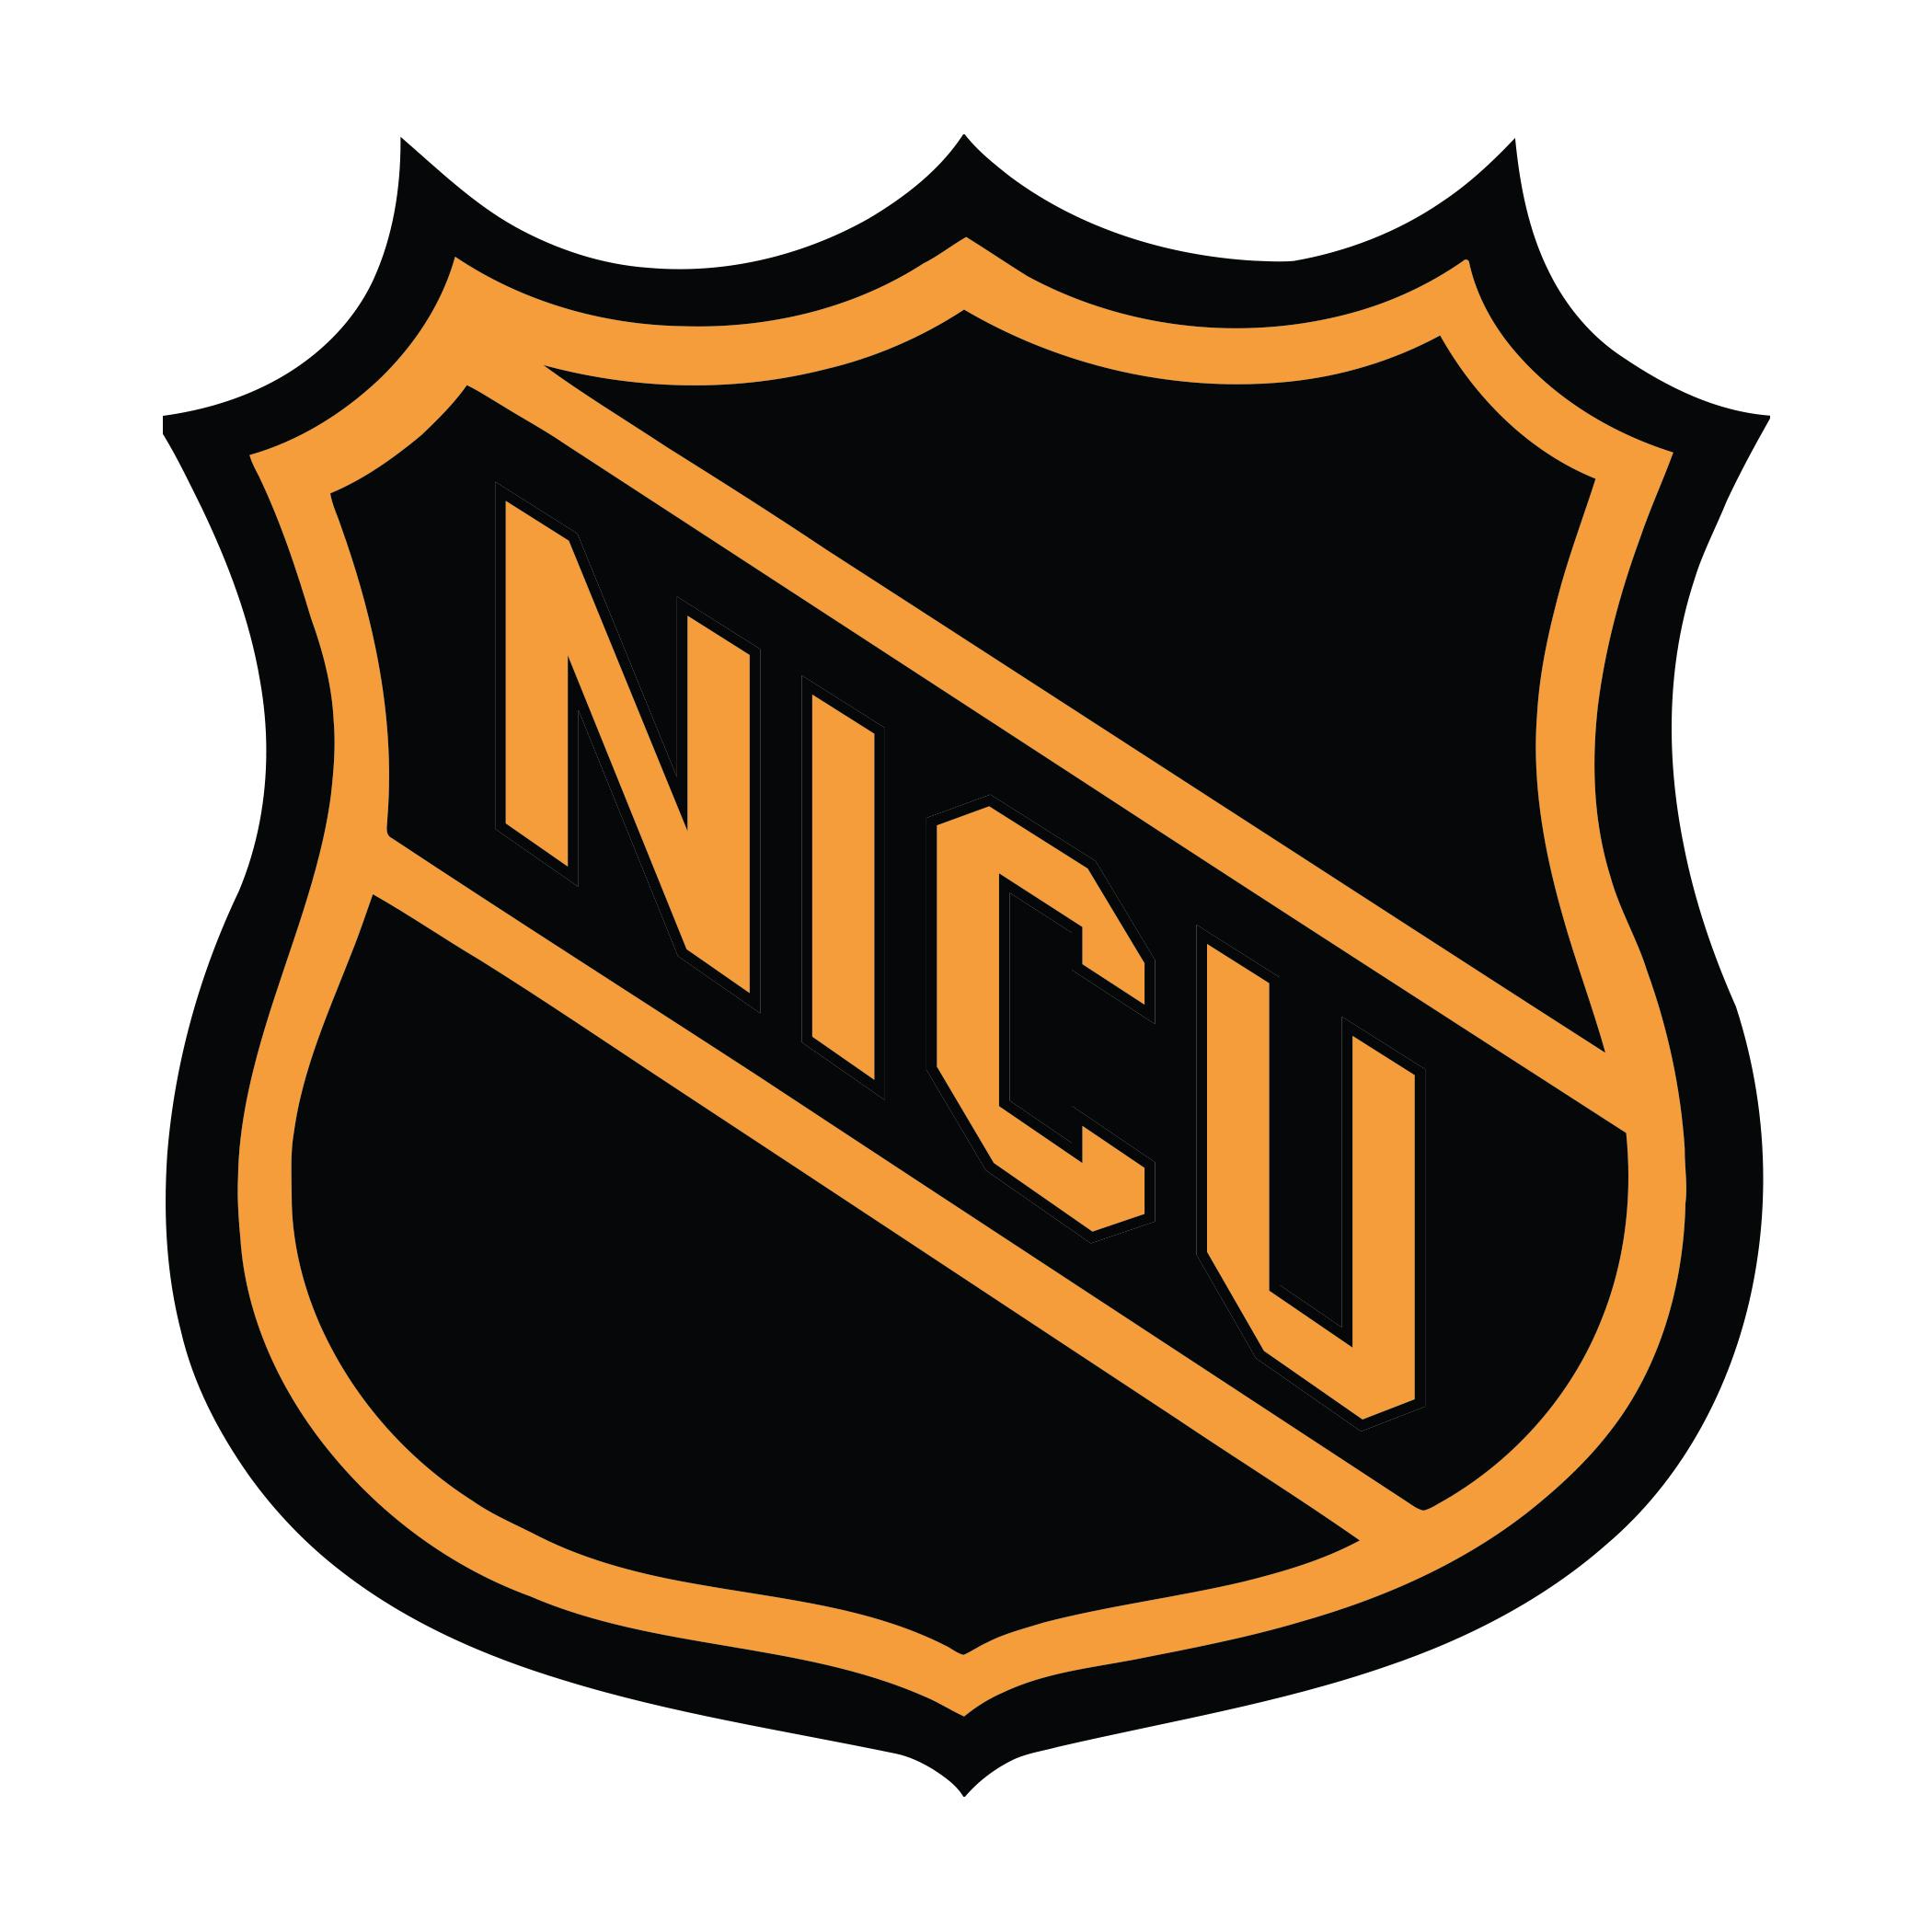 NICU Sticker